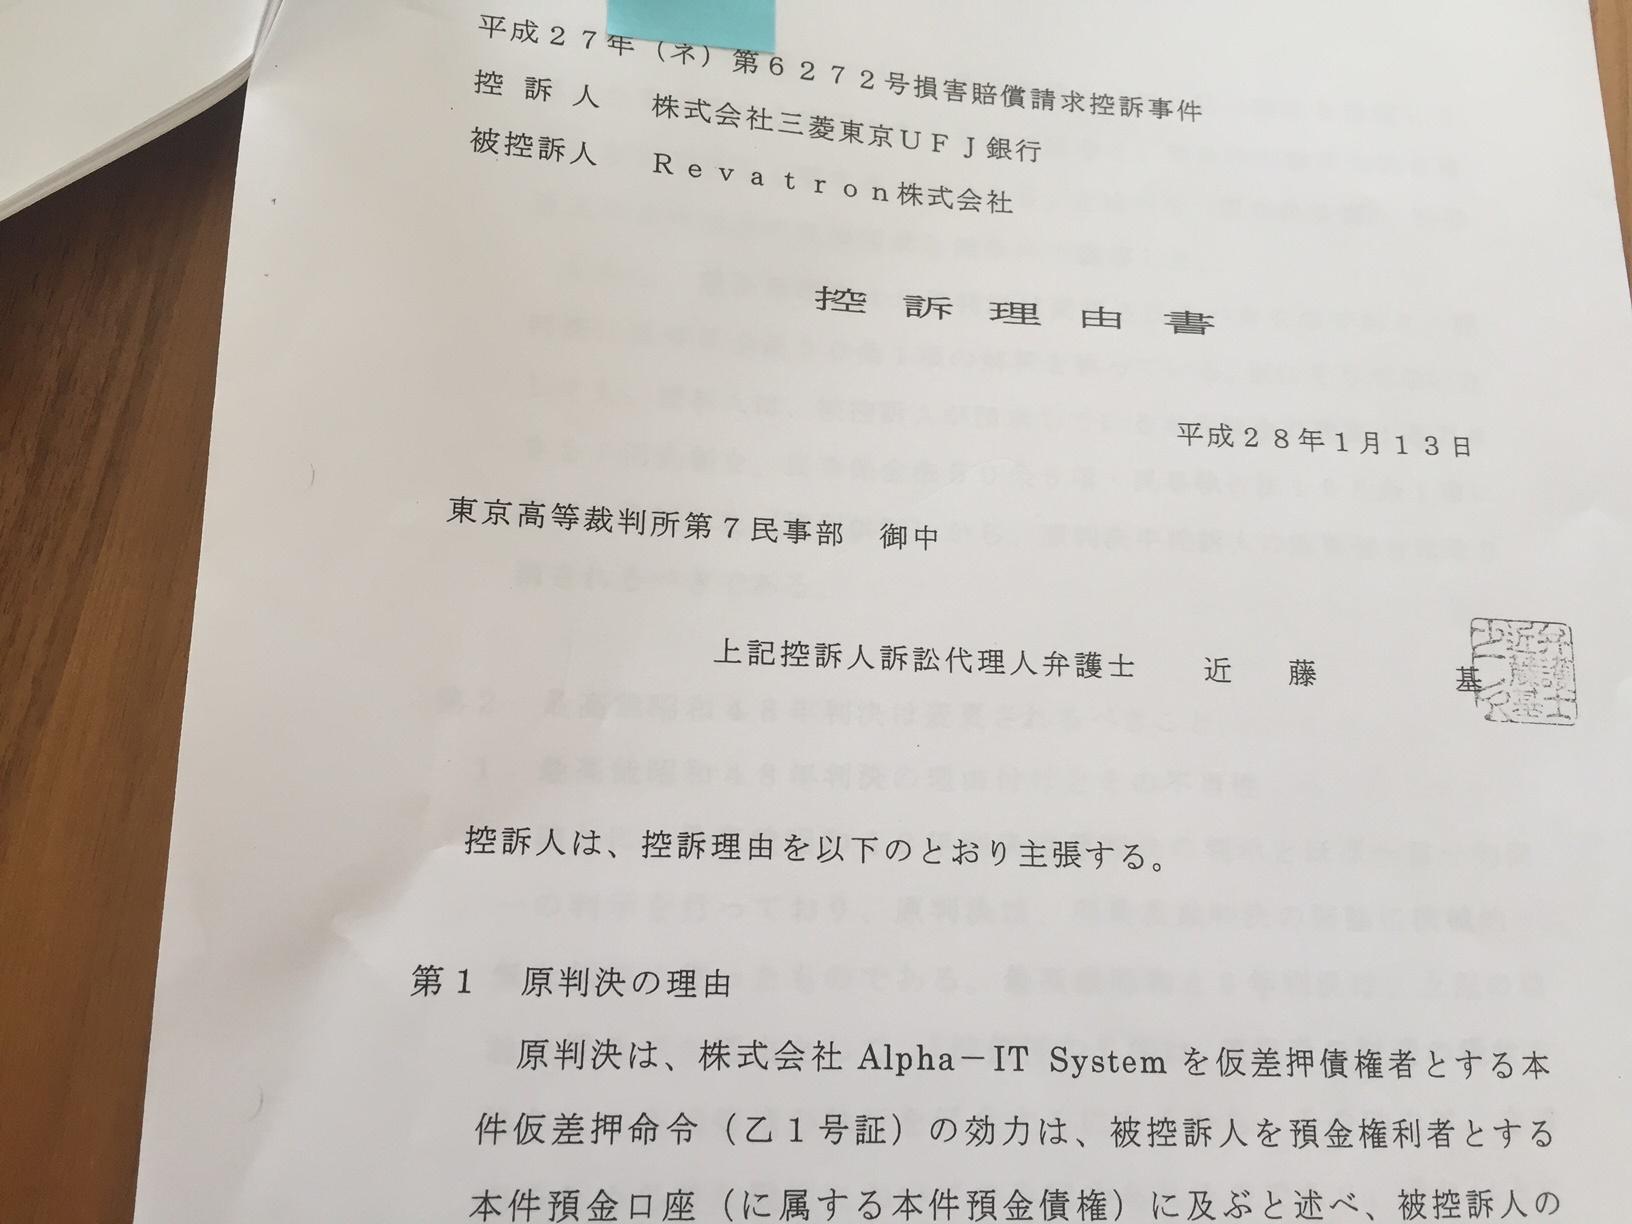 三菱控訴理由書表紙